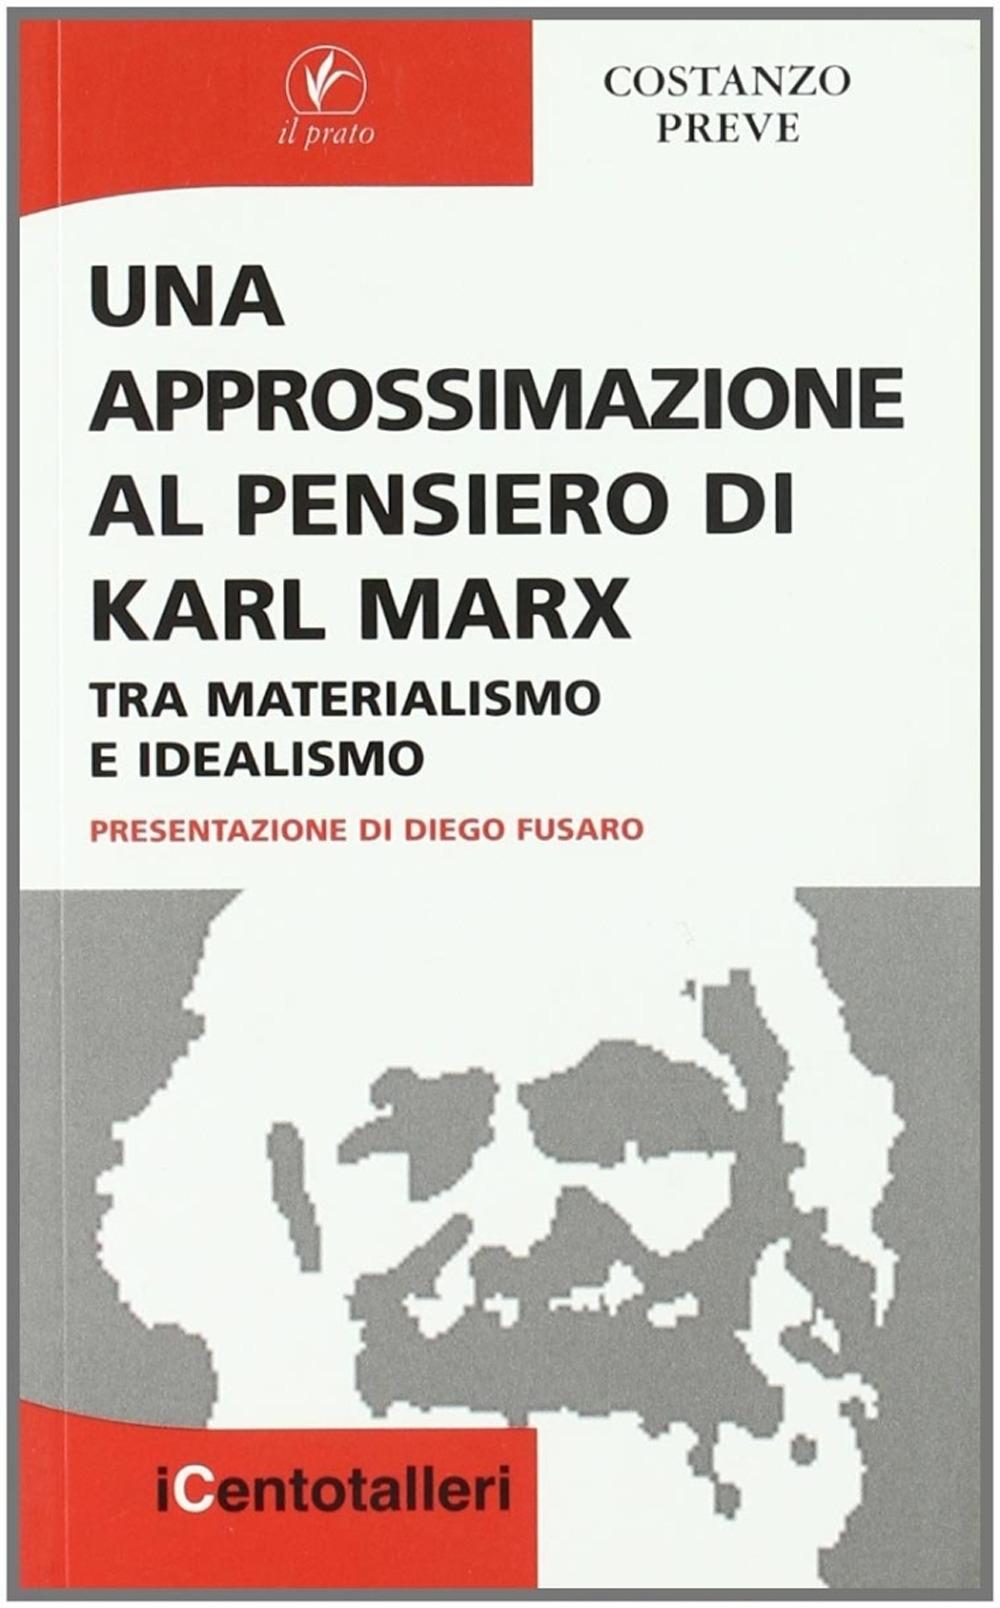 Una approssimazione al pensiero di Karl Marx. Tra materialismo e idealismo